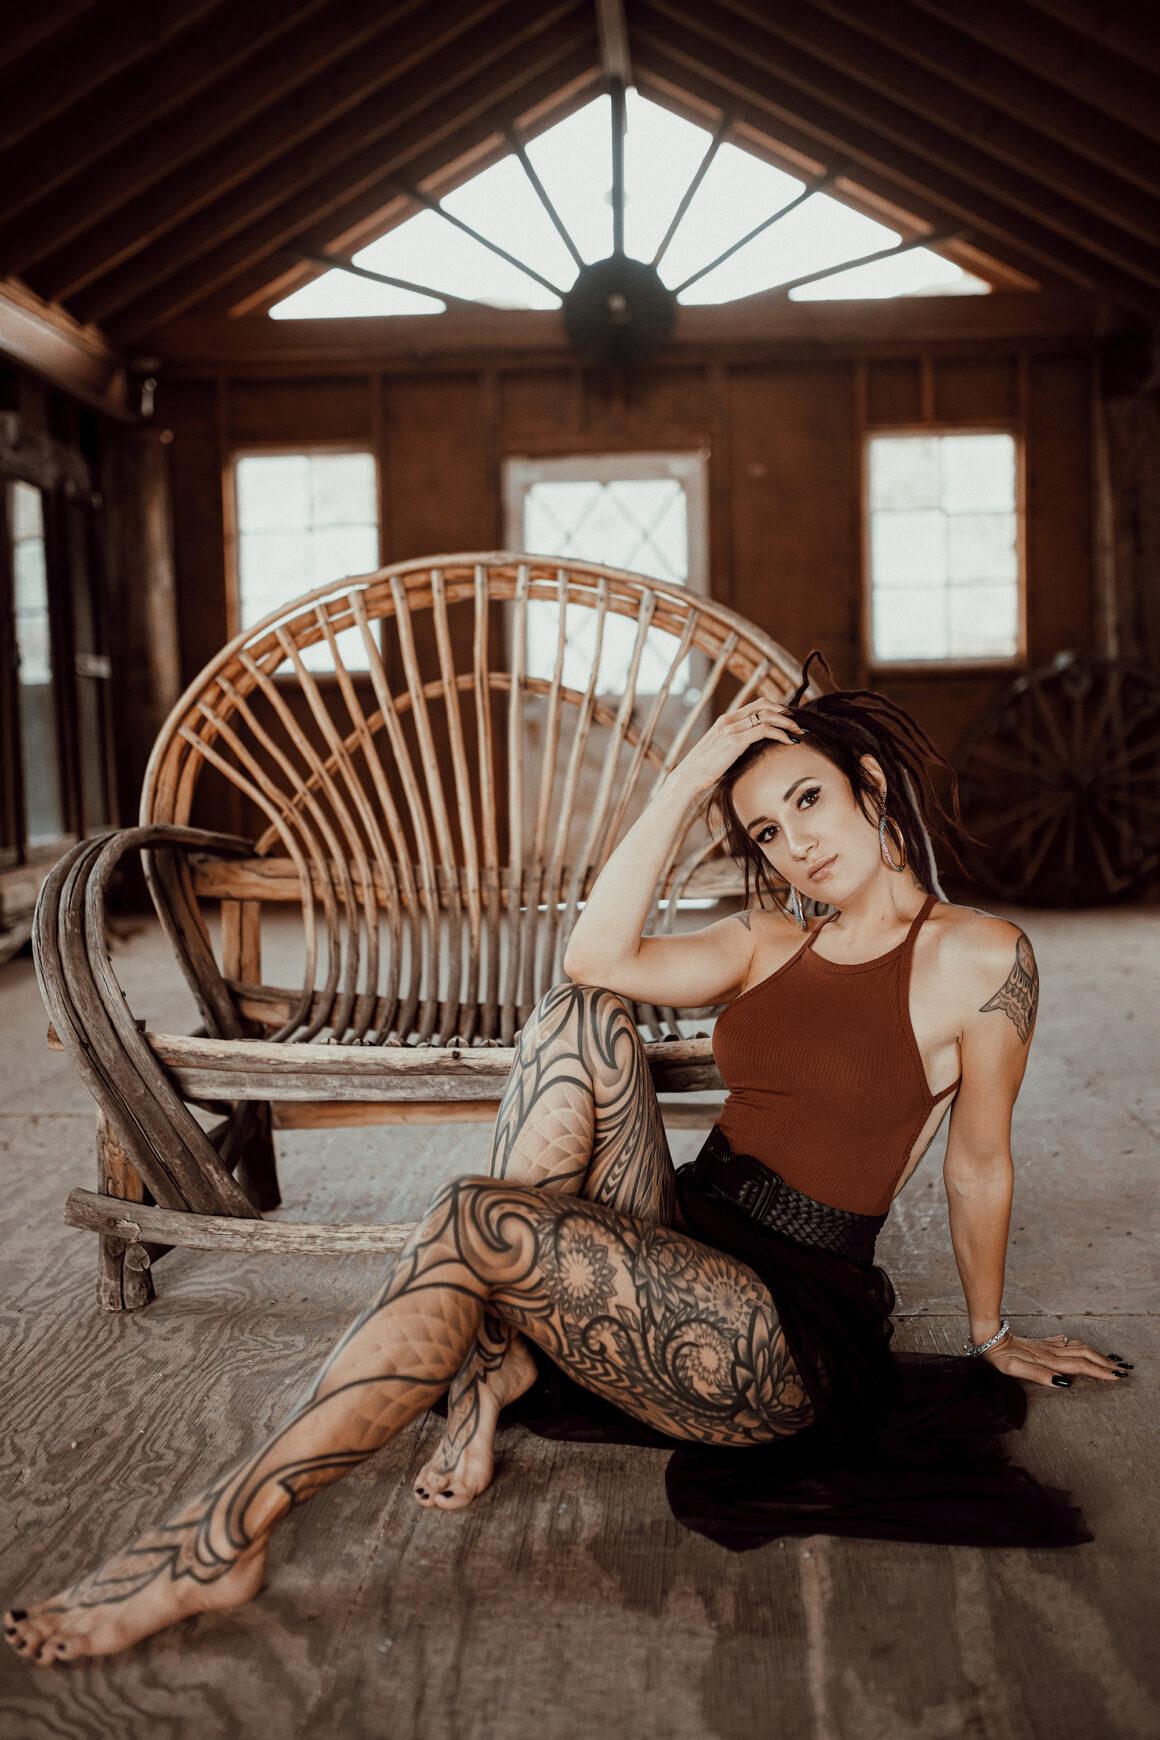 Tattoos by Ilya Cascad